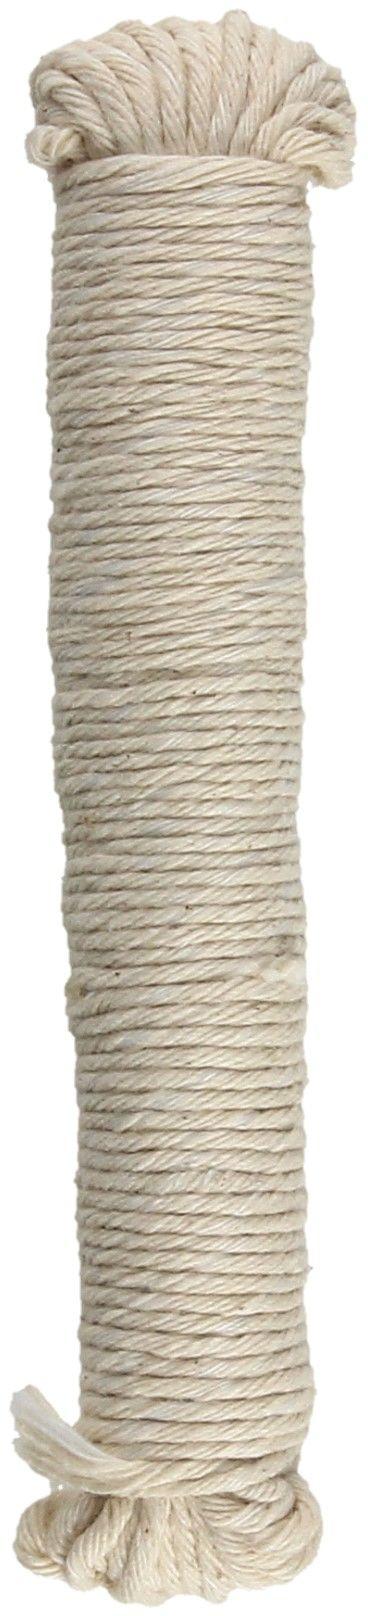 Sznurek bawełniany 2.5dkg szpagat 15mb